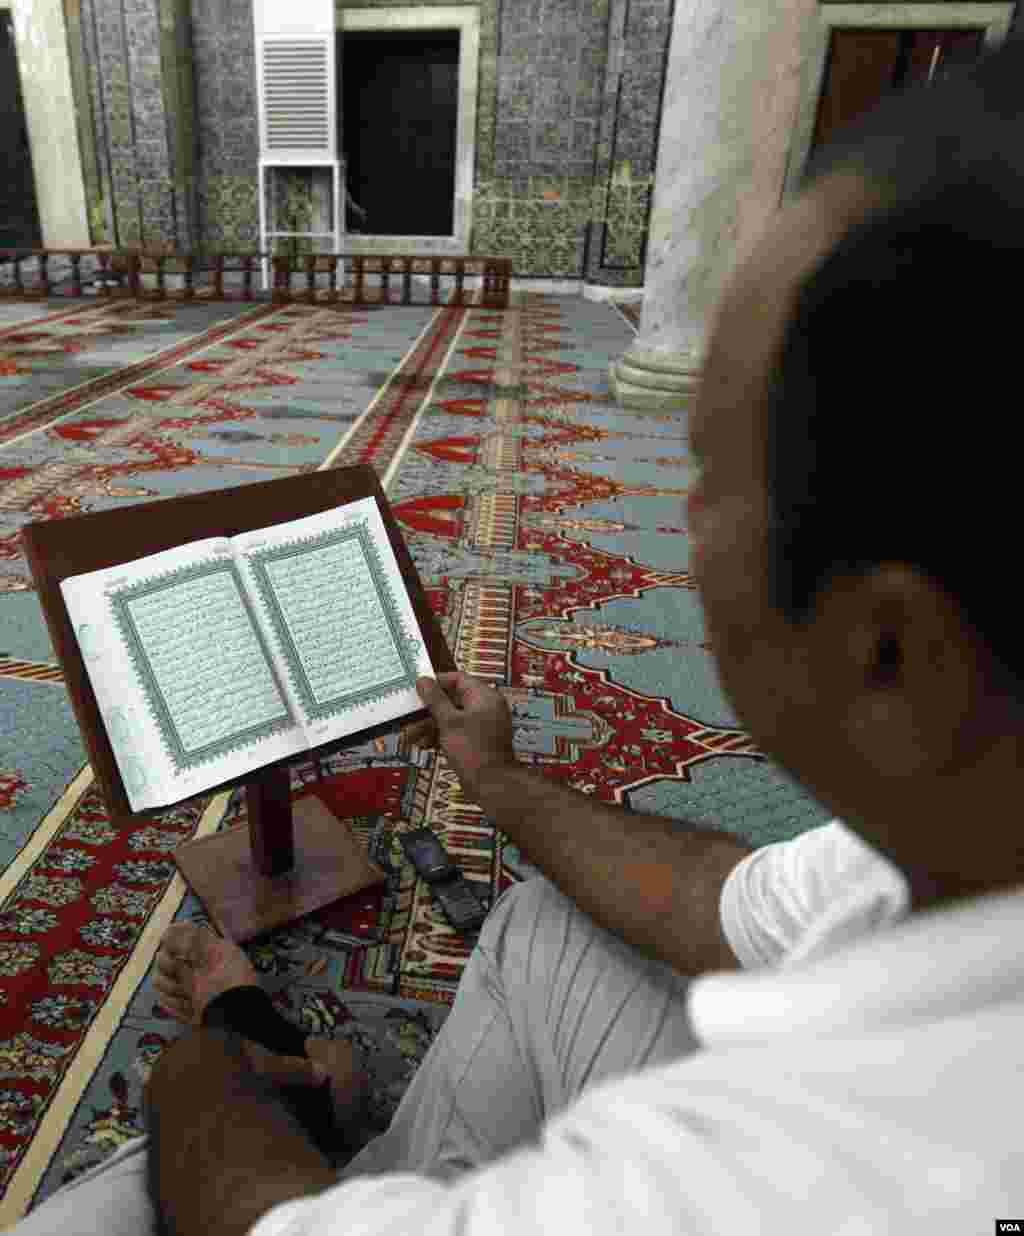 Ramazonning uchinchi kunida Liviyalik musulmon masjidda Qur'on o'qimoqda. Tripoli, 22-iyul, 2012-yil.